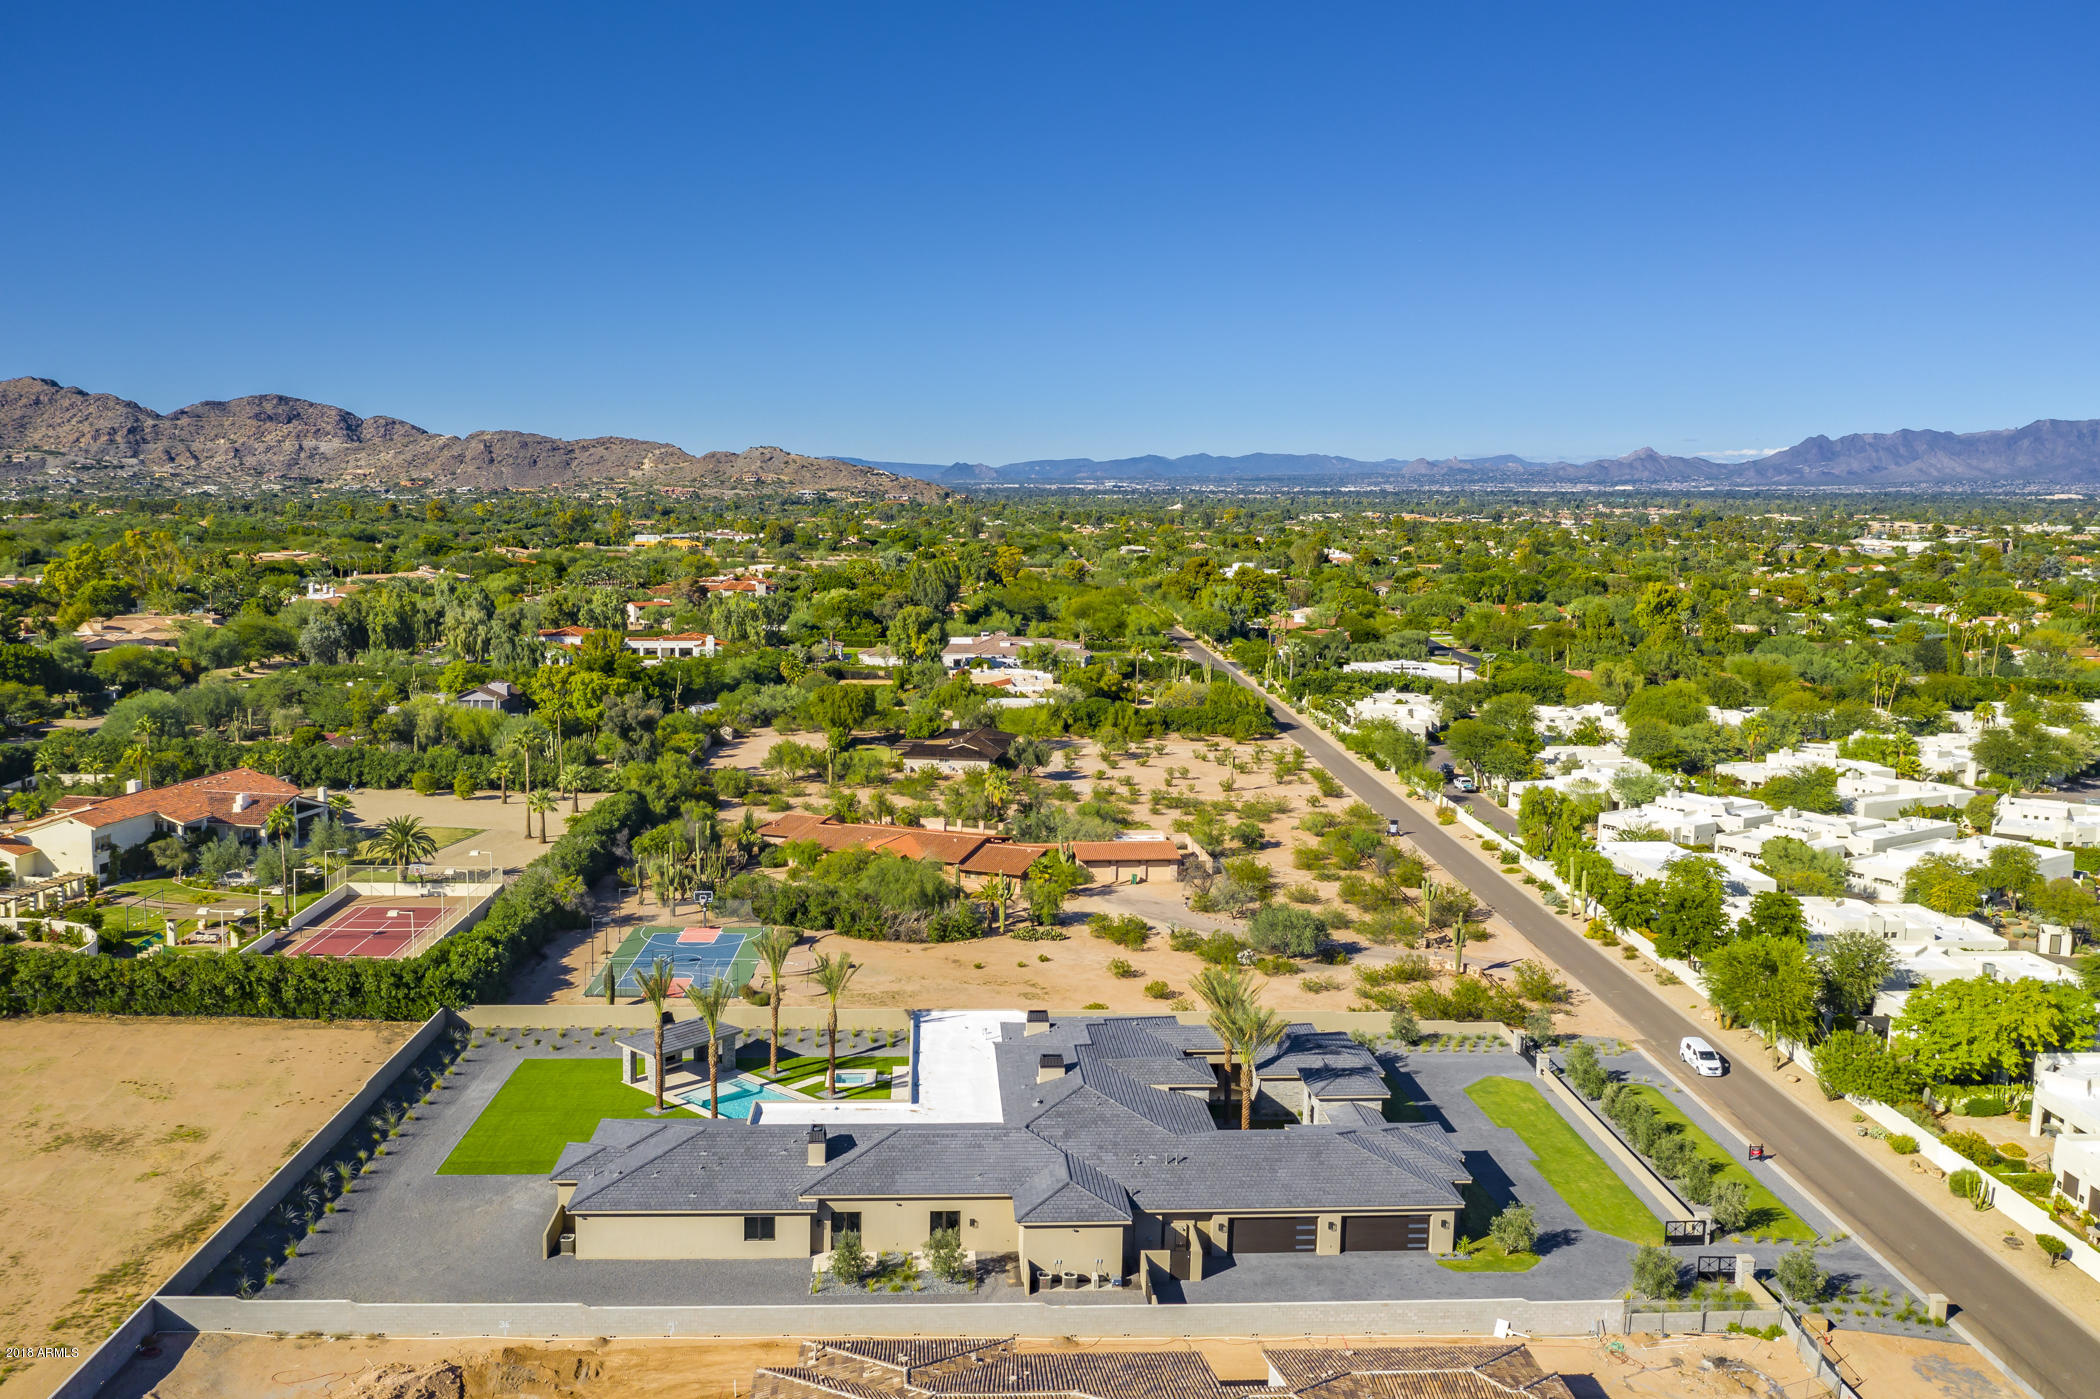 MLS 5823051 5088 N CASA BLANCA Drive, Paradise Valley, AZ 85253 Paradise Valley AZ Newly Built